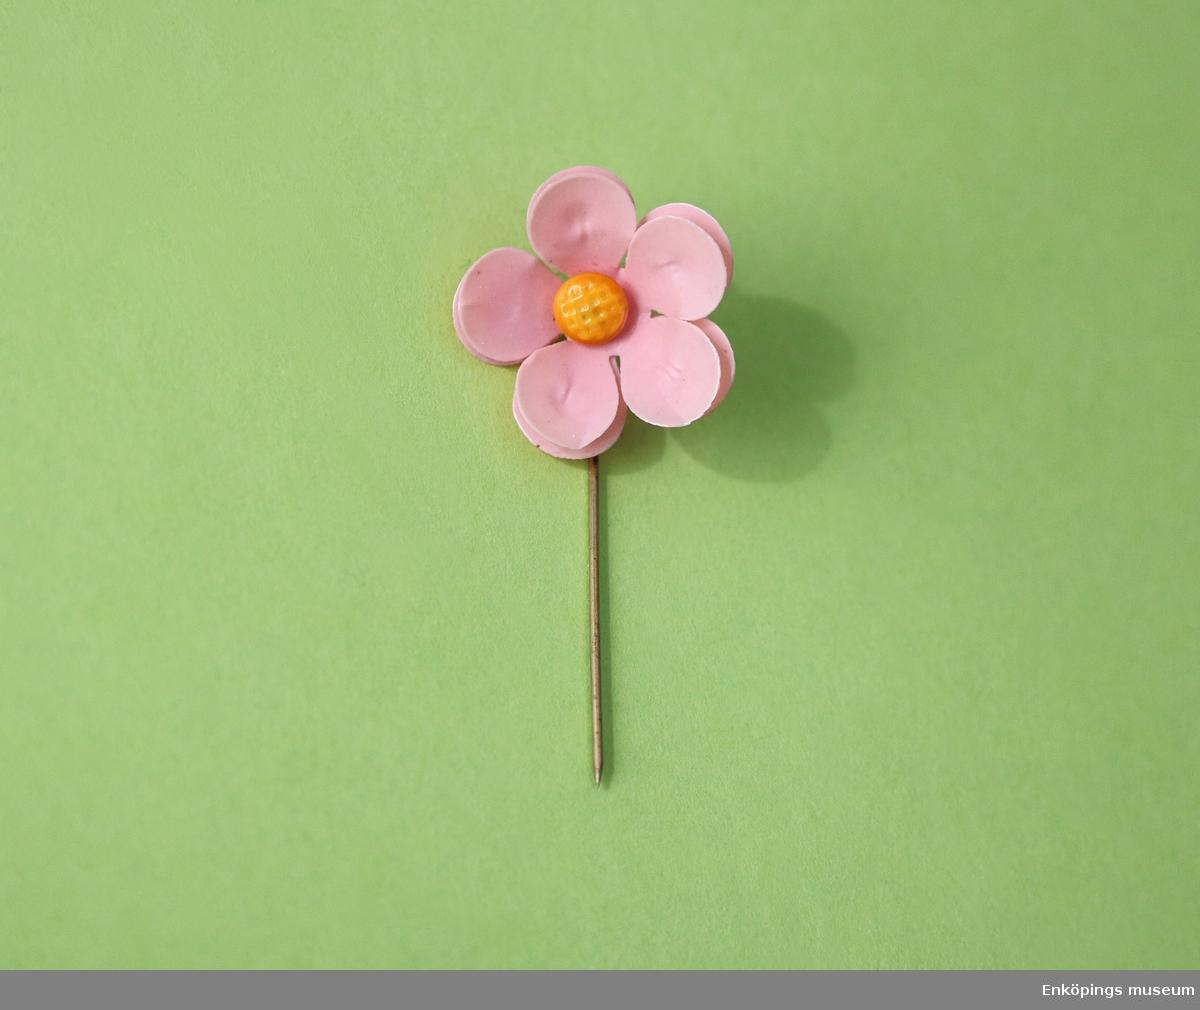 Majblomma från år 1911. Blomman är gjord av rosa celluloid och har fem blad i dubbla lager, totalt 10 blad och en gul mittknapp, även denna gjord av celluloid.  Det som håller blomman samman är en nål av mässing.